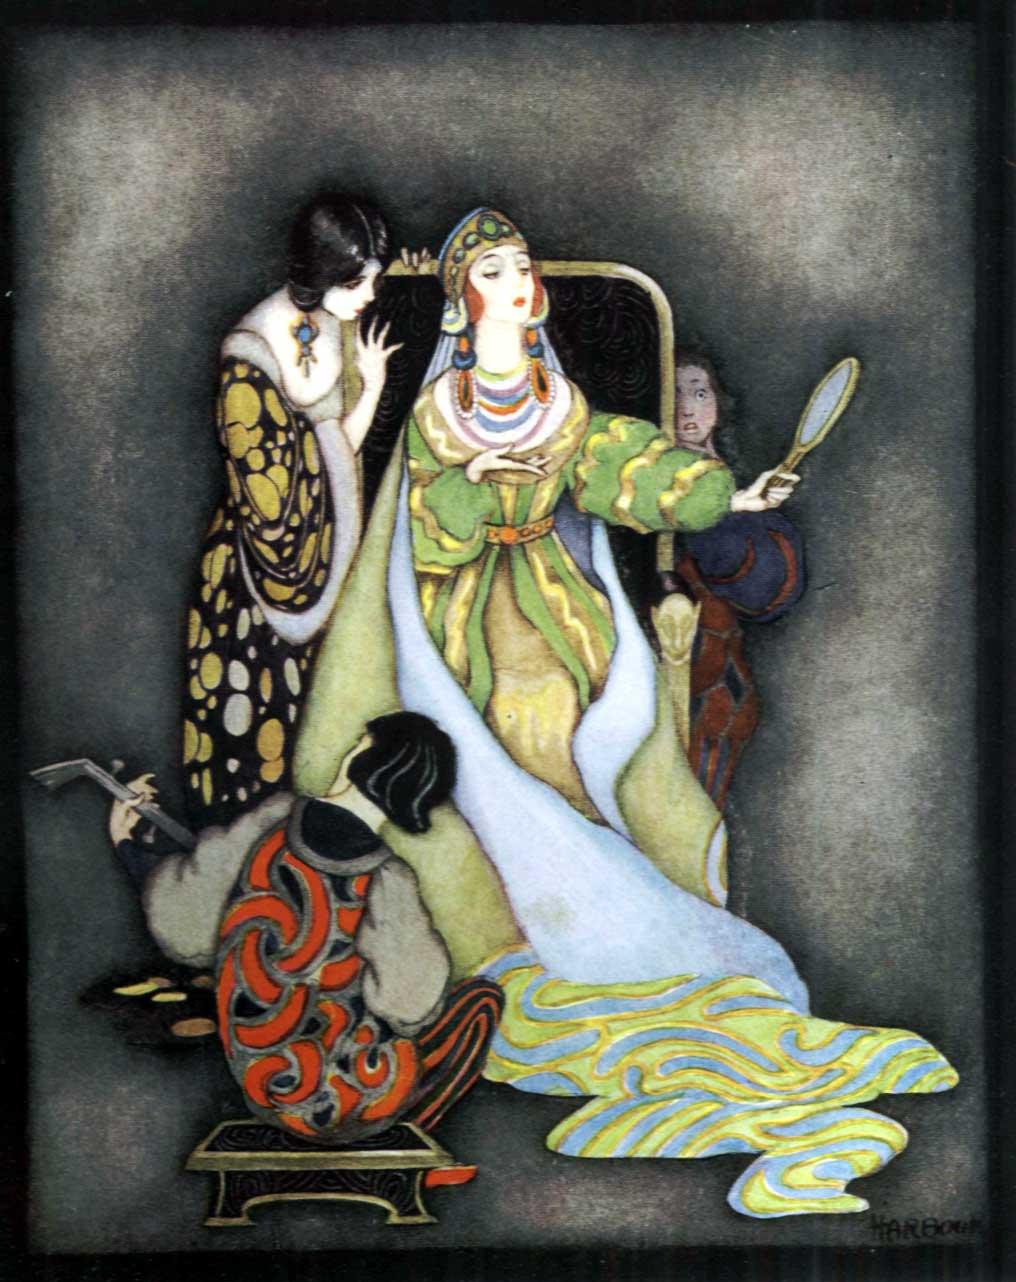 Blancanieves y el conflicto edípico: la relación de la madre con la hija